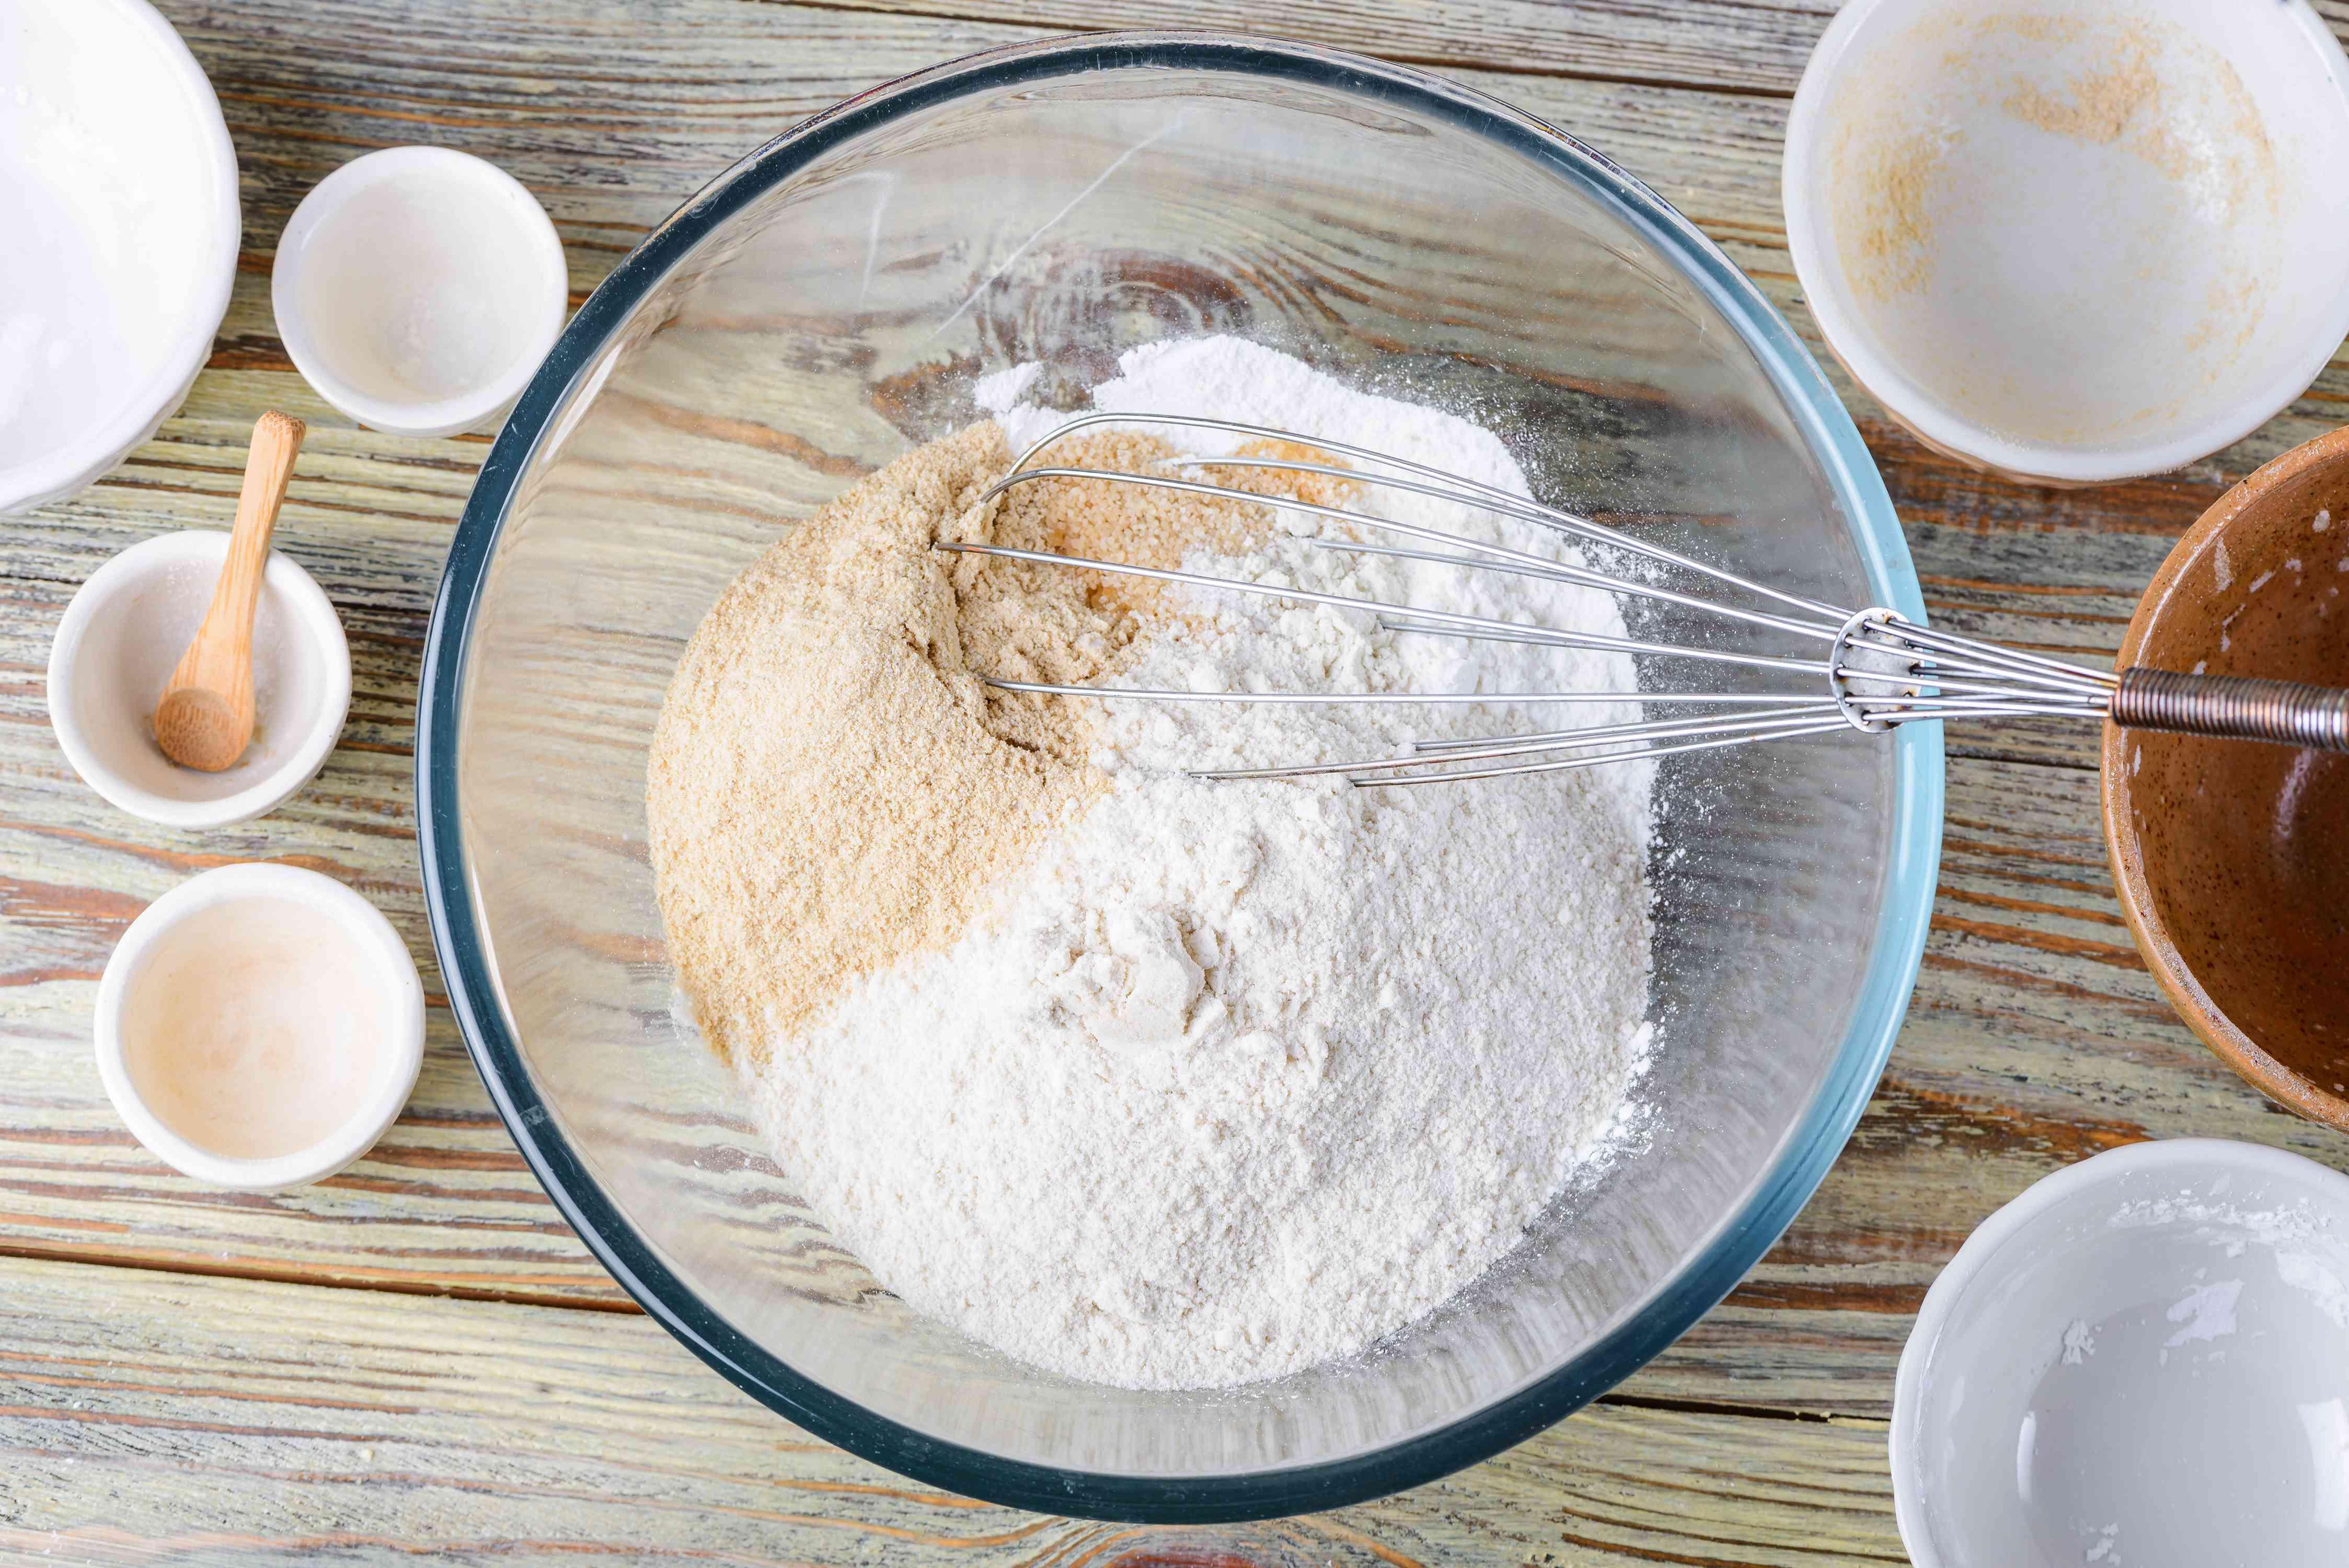 Measure dry ingredients